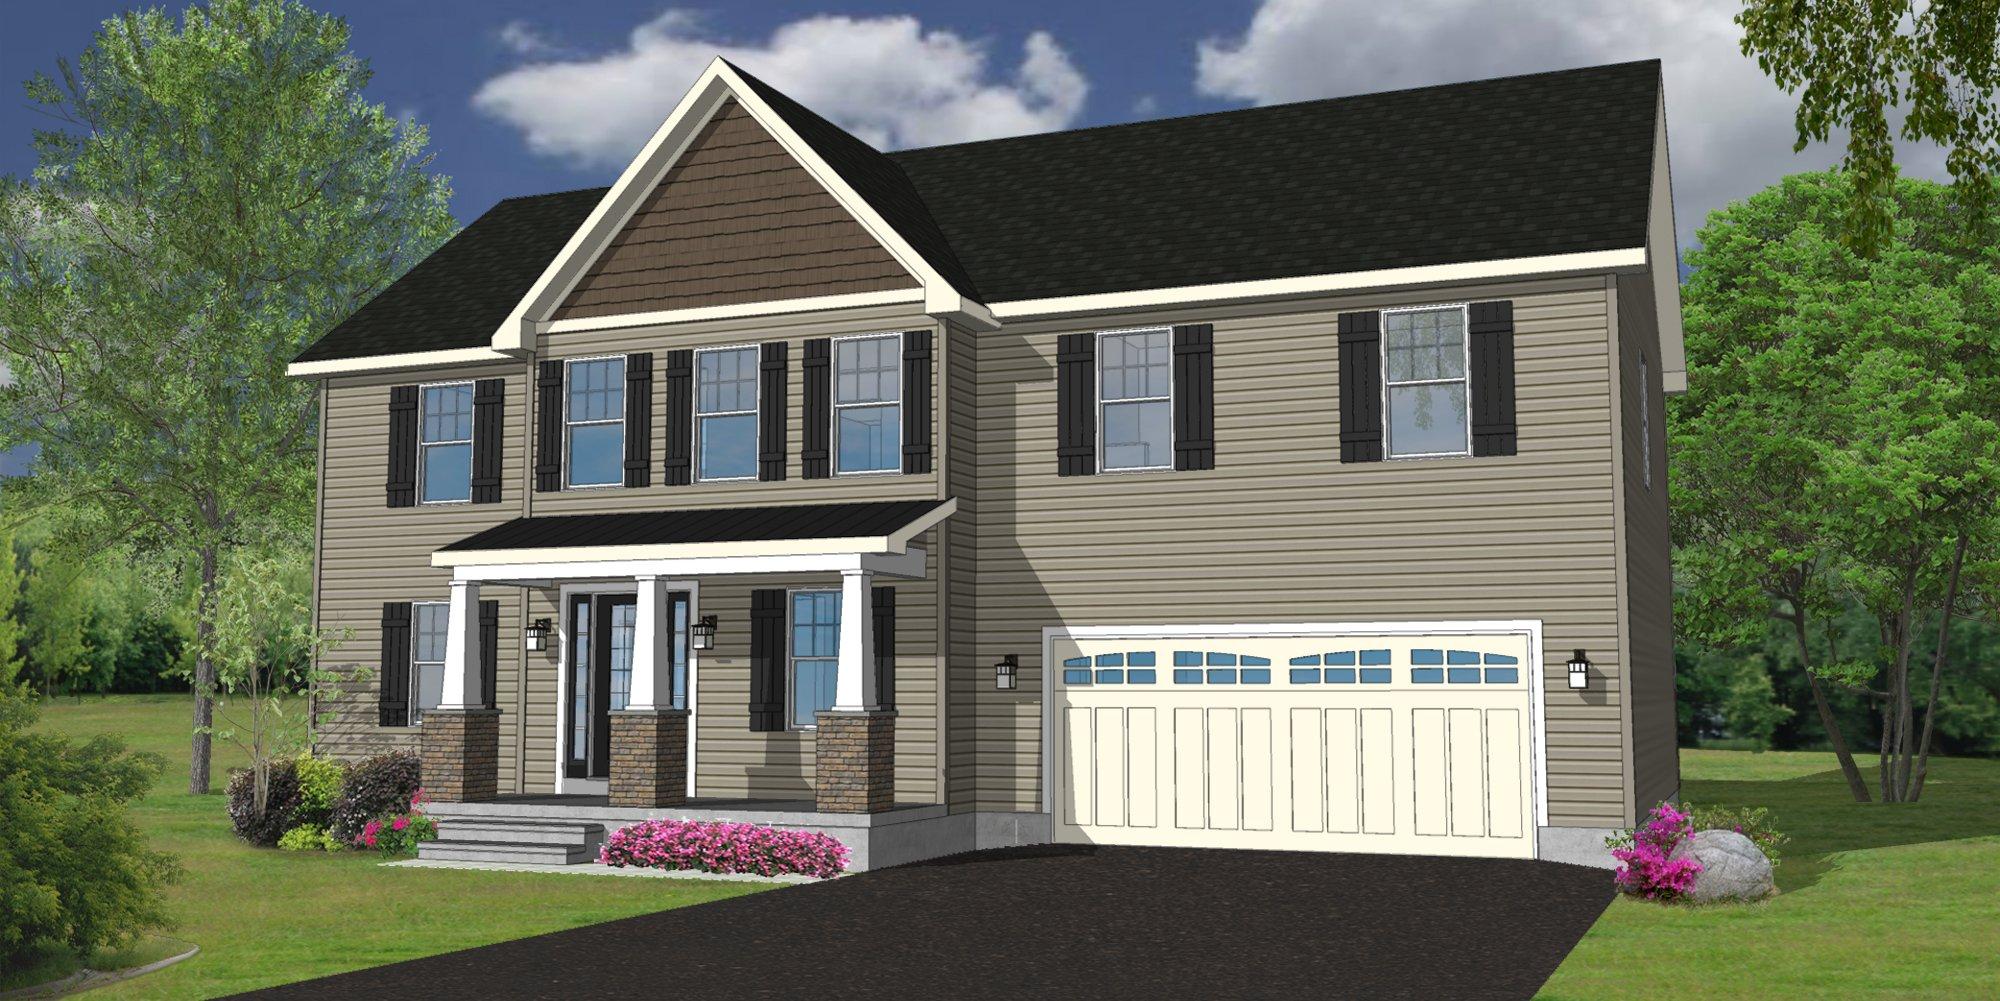 Hideaway Hills Levitt III Home Design